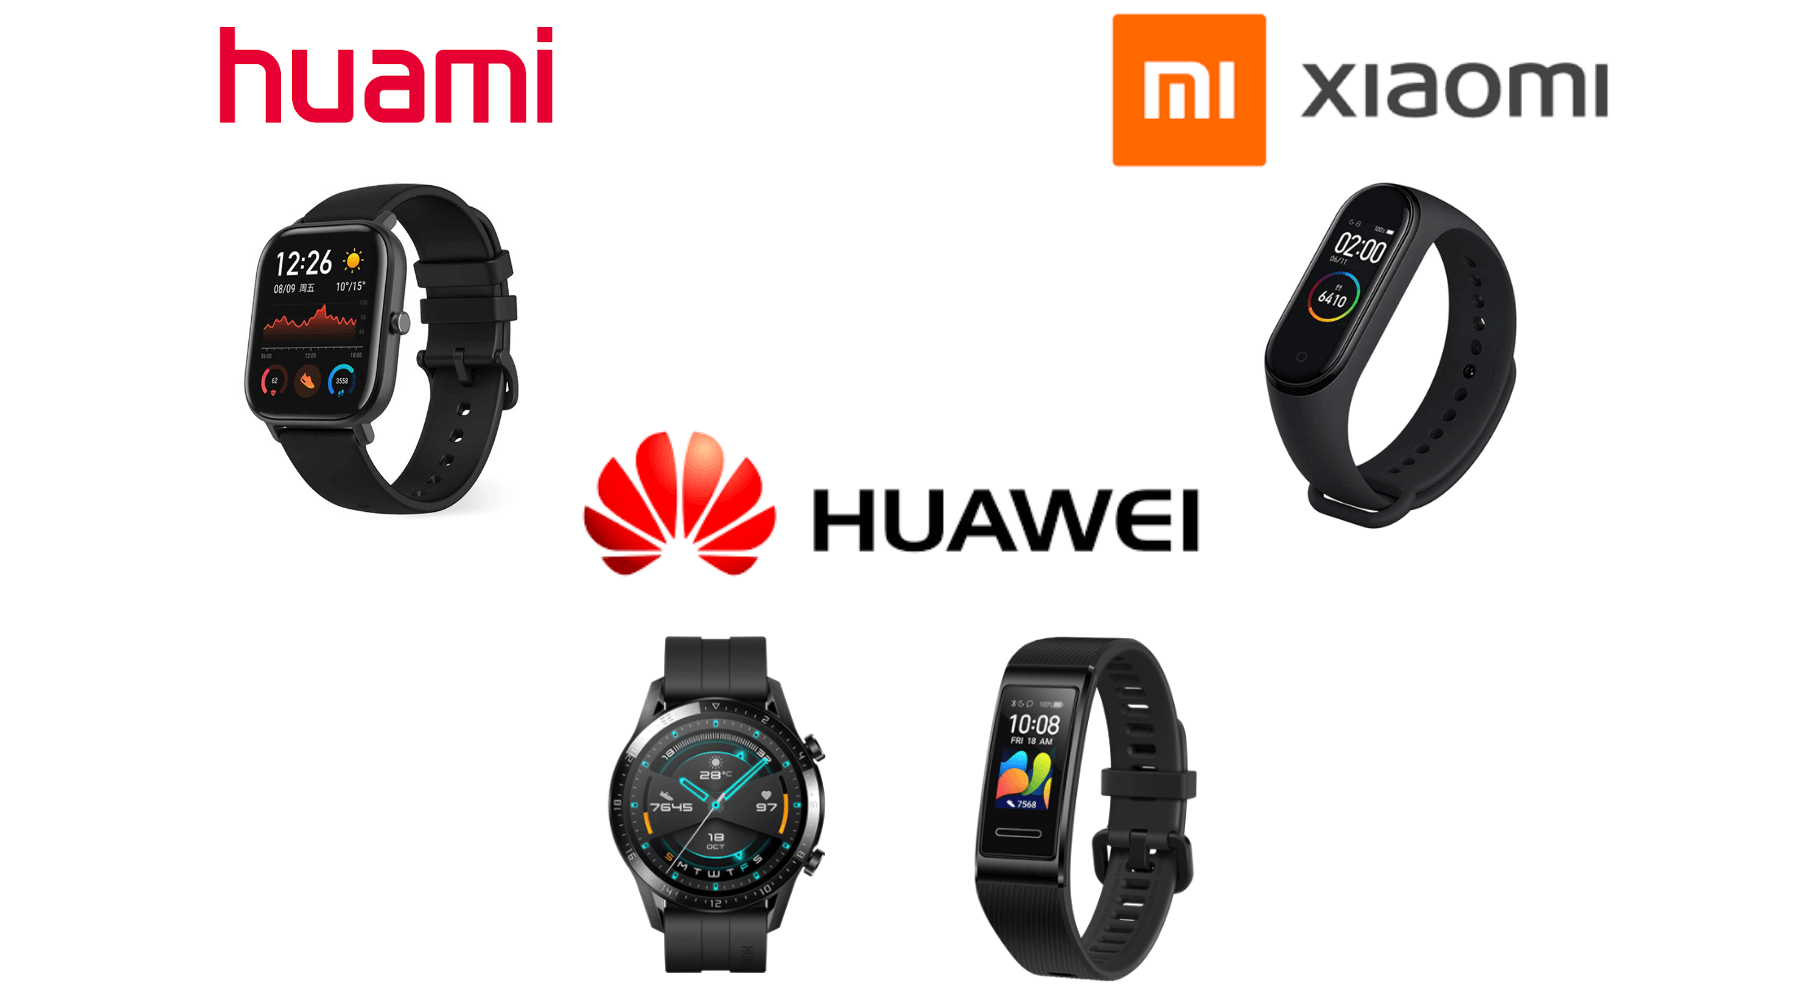 中華スマートウォッチの主力製品(Huami, HUAWEI, Xiaomi)をApple Watchと比較